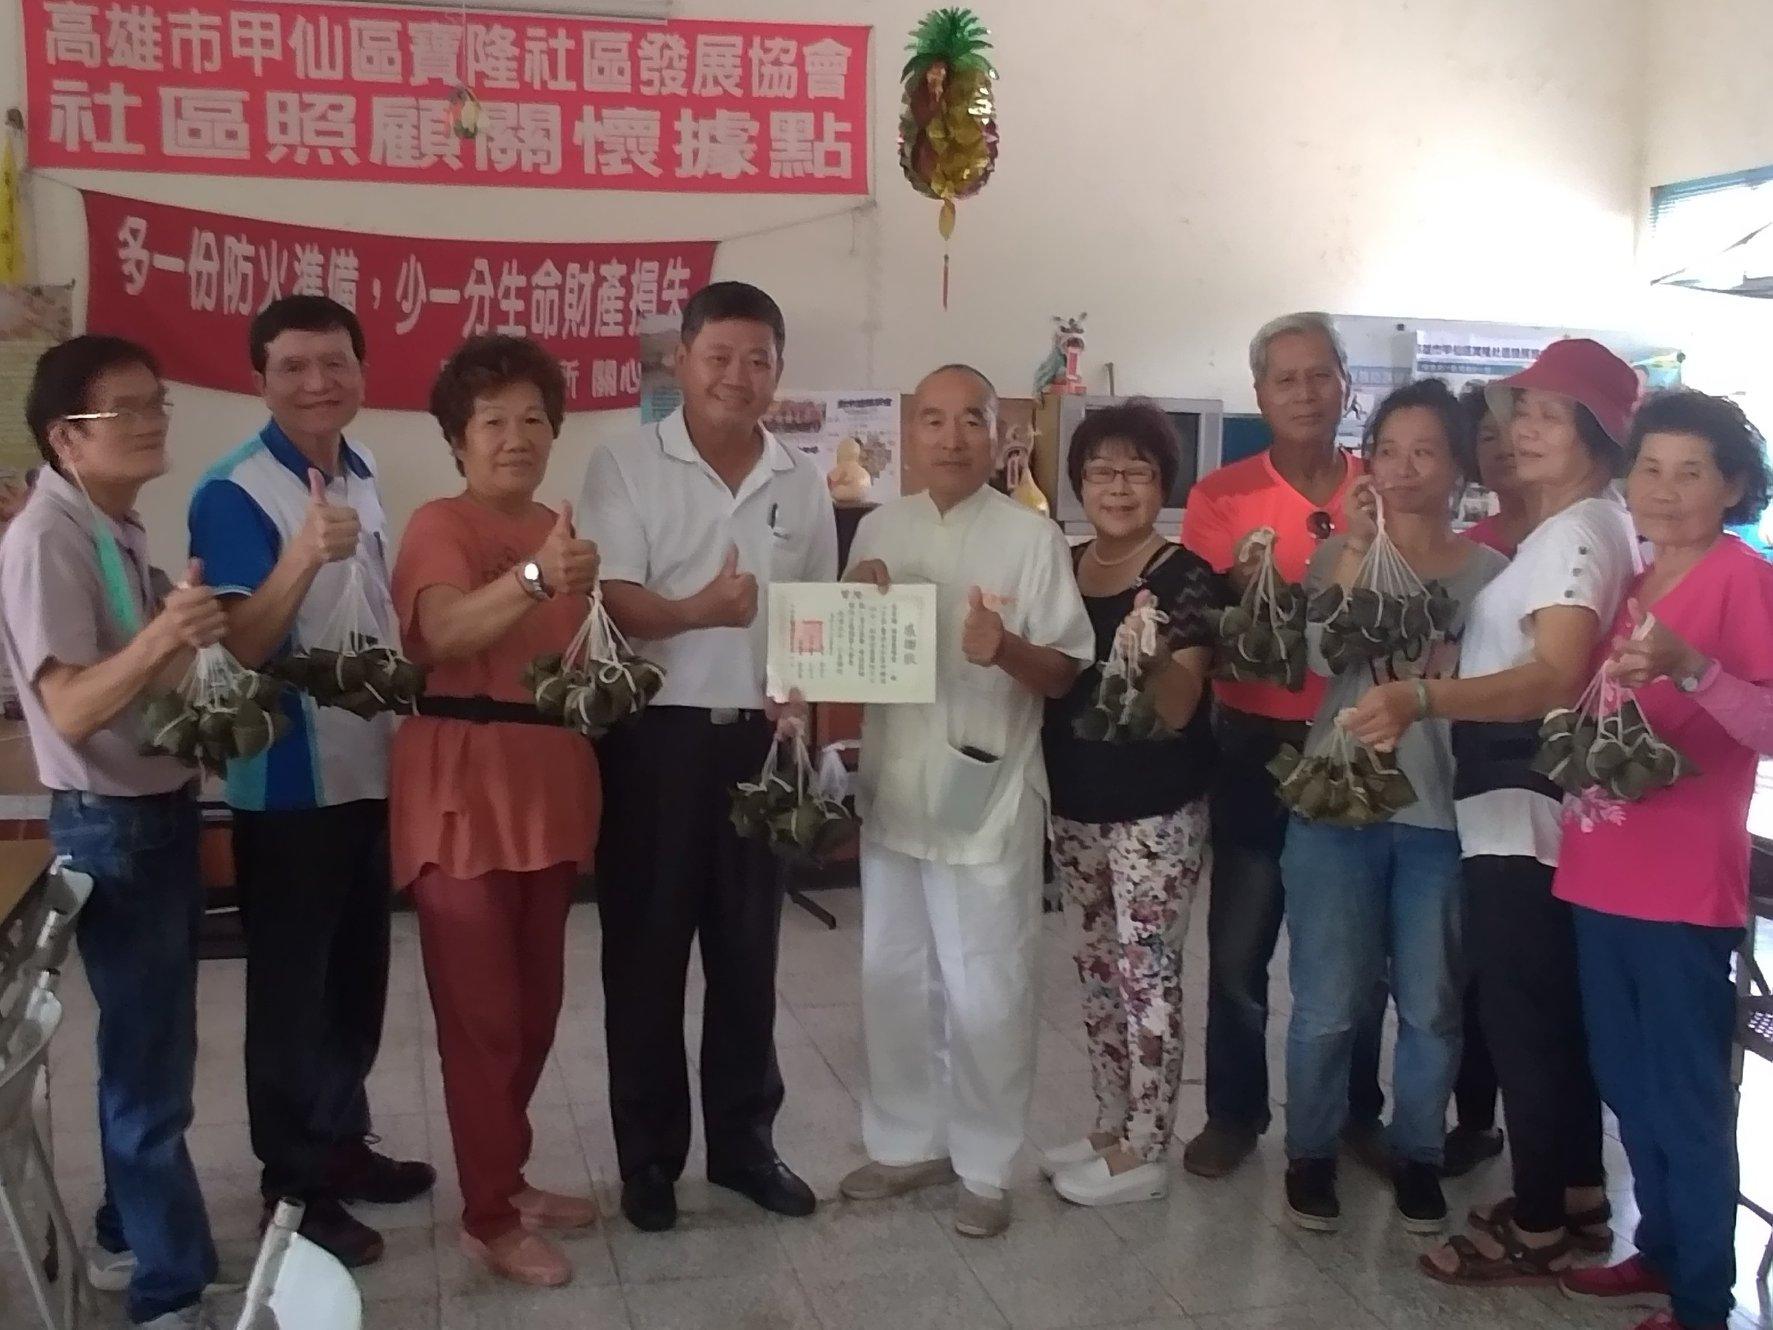 甲仙區婦參小組參與寶隆社區109年度粽情粽意慶端午活動